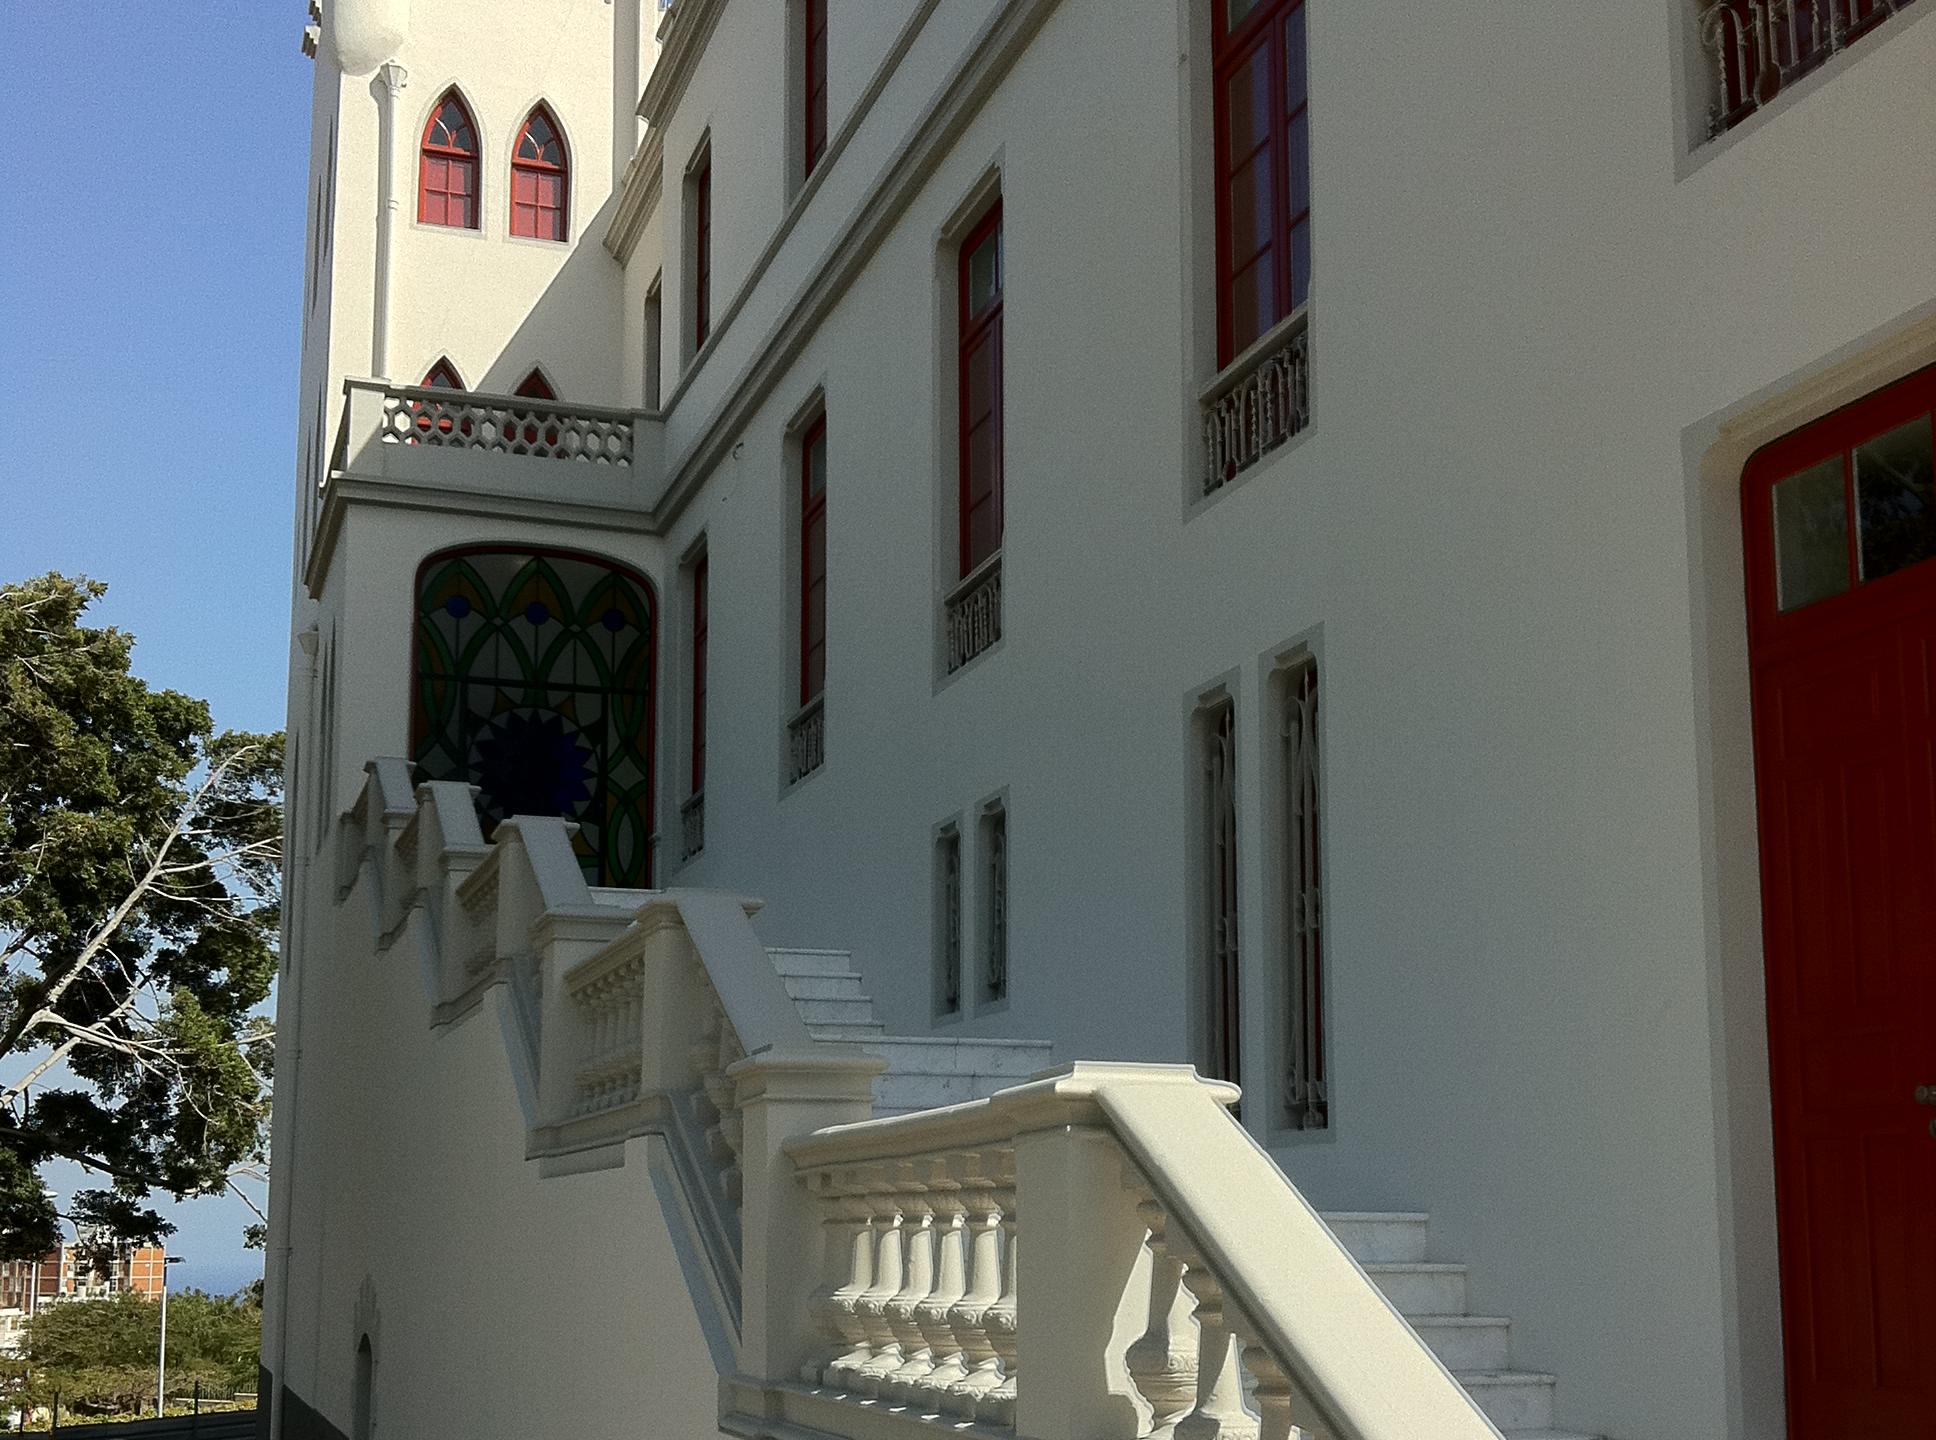 Escuela Municipal de Música del Ayuntamiento de Santa Cruz de Tenerife